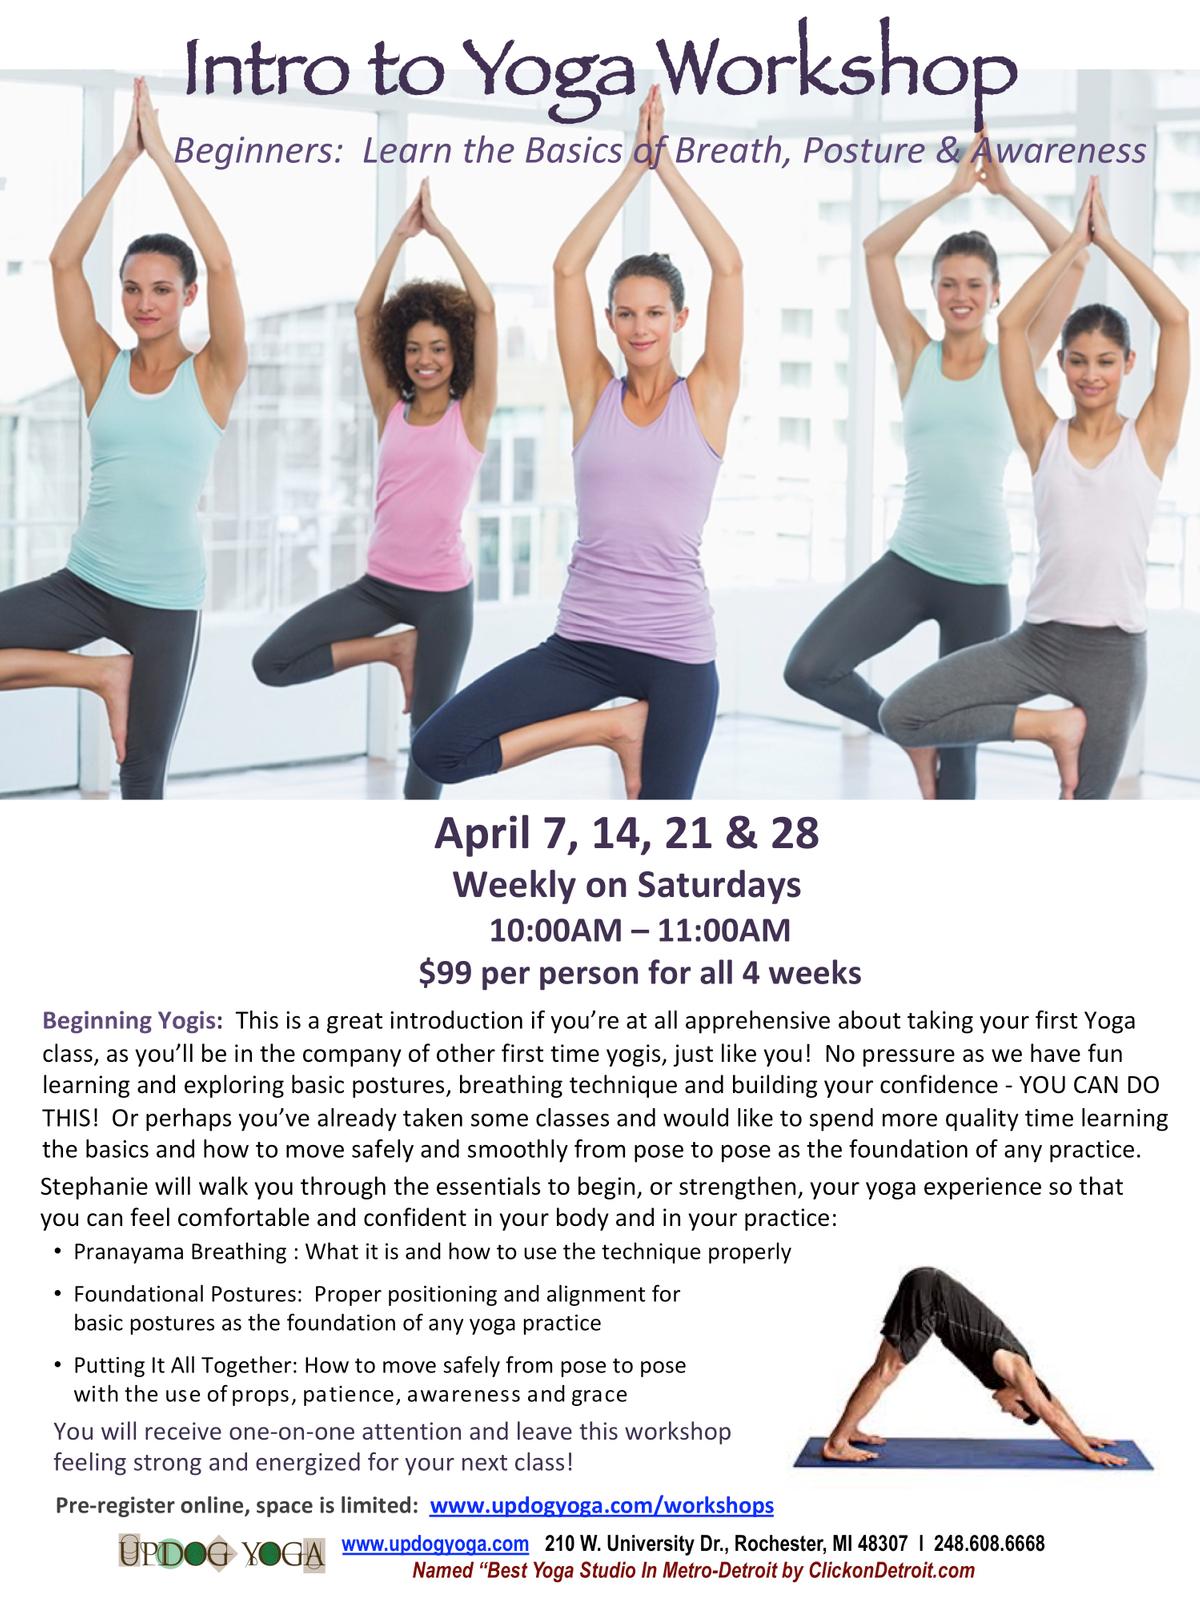 Intro to Yoga_April Workshop_UpDog.jpg